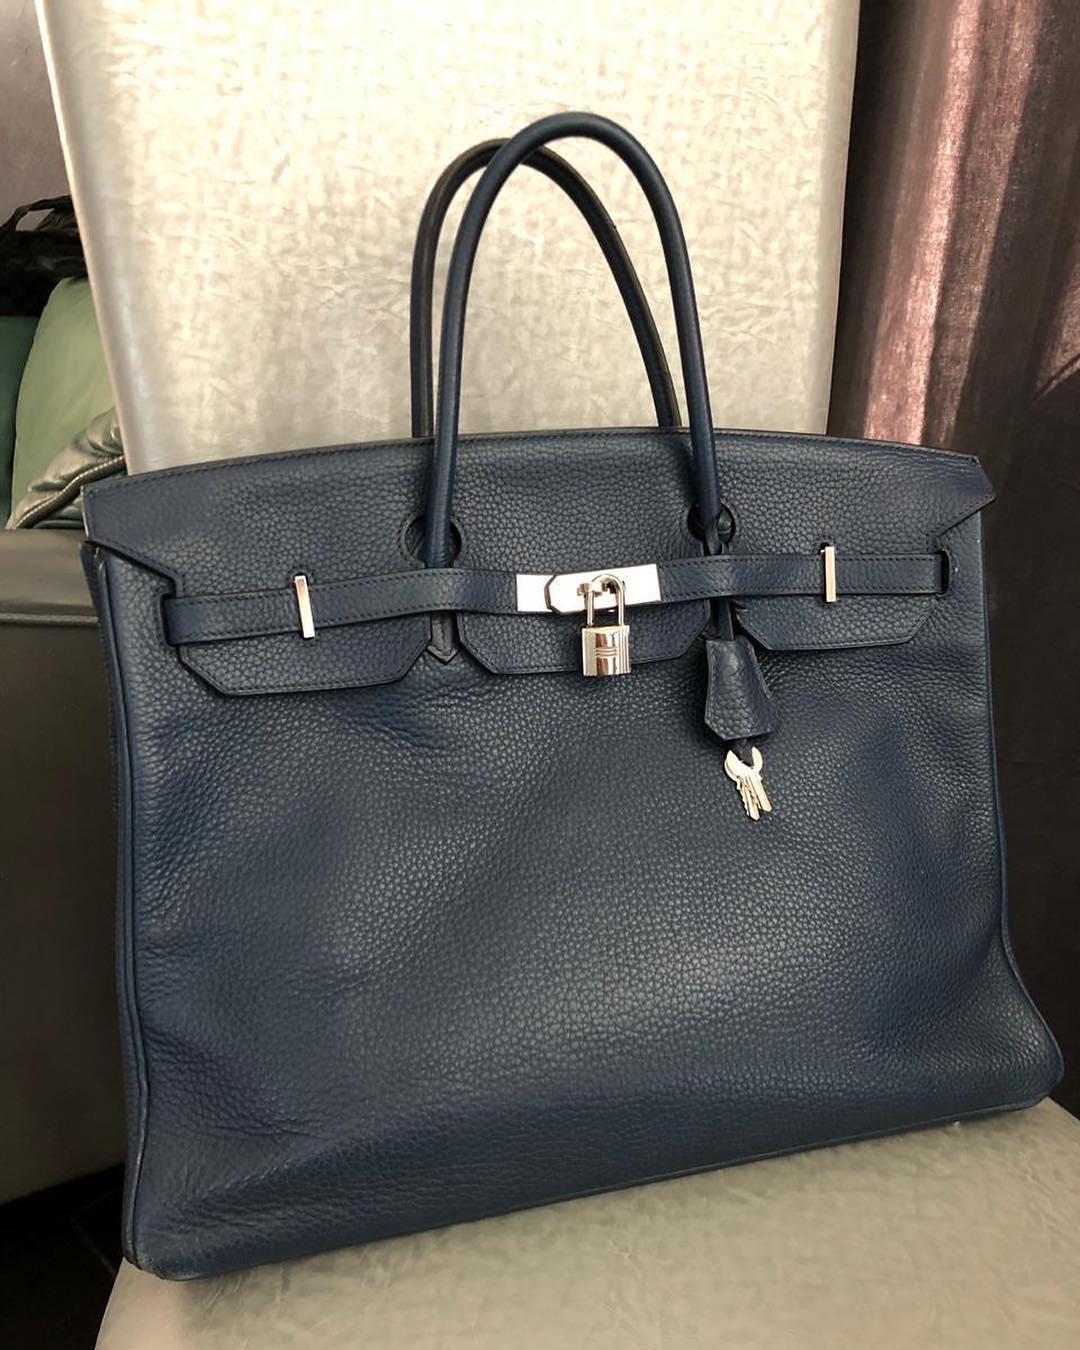 0bb353a69c52 Купить крупную сумку Hermes за 471500 руб. в интернет магазине ...